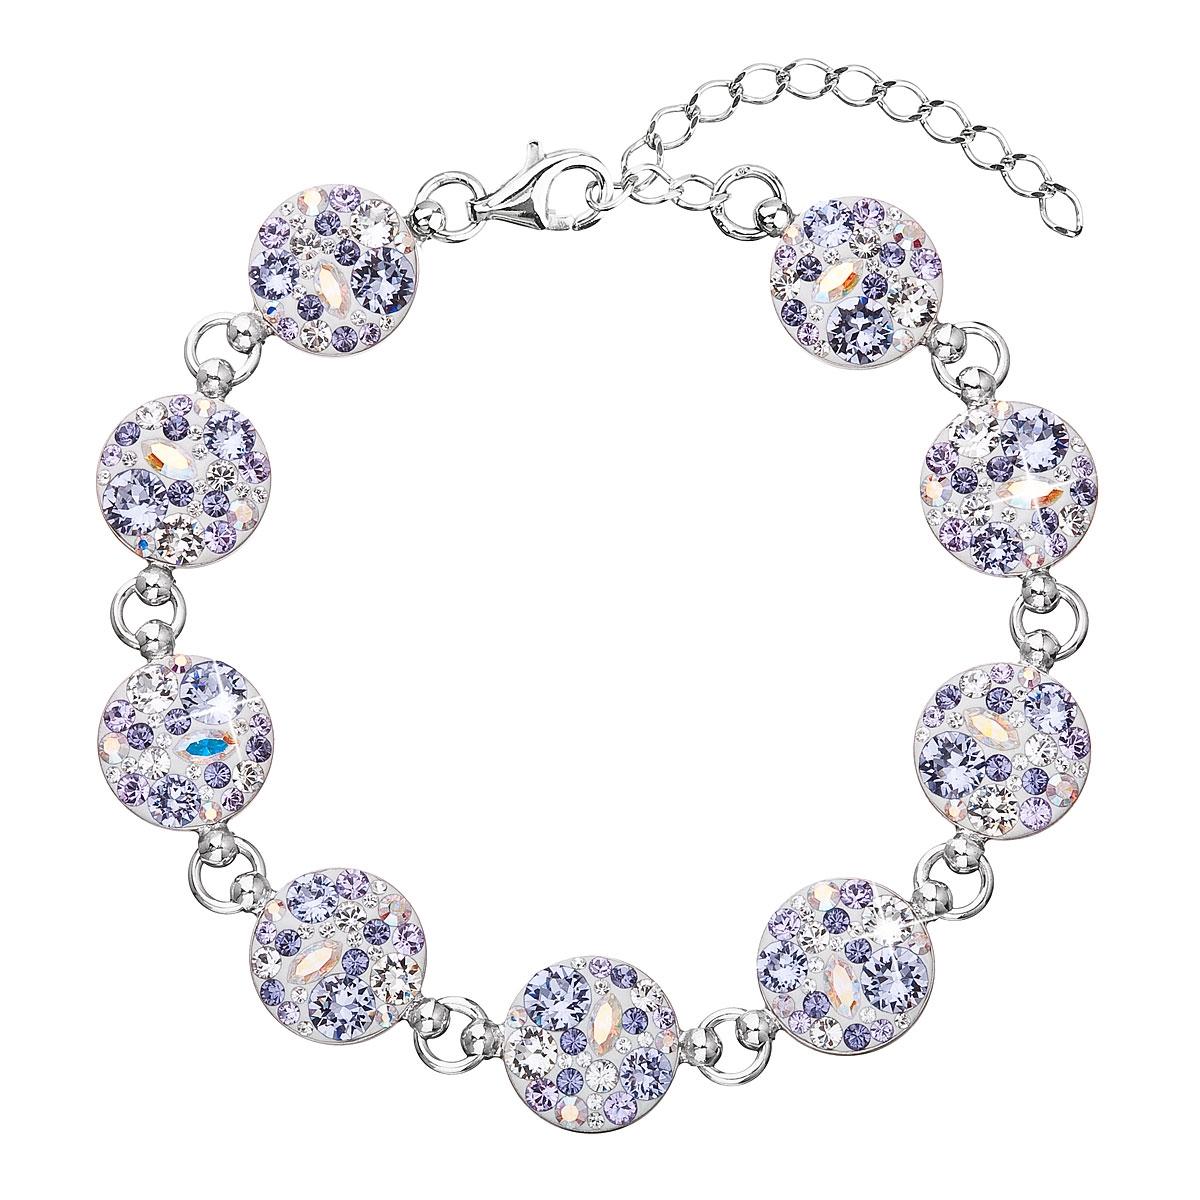 Stříbrný náramek s krystaly Crystals from Swarovski®, Violet EG7004-VI